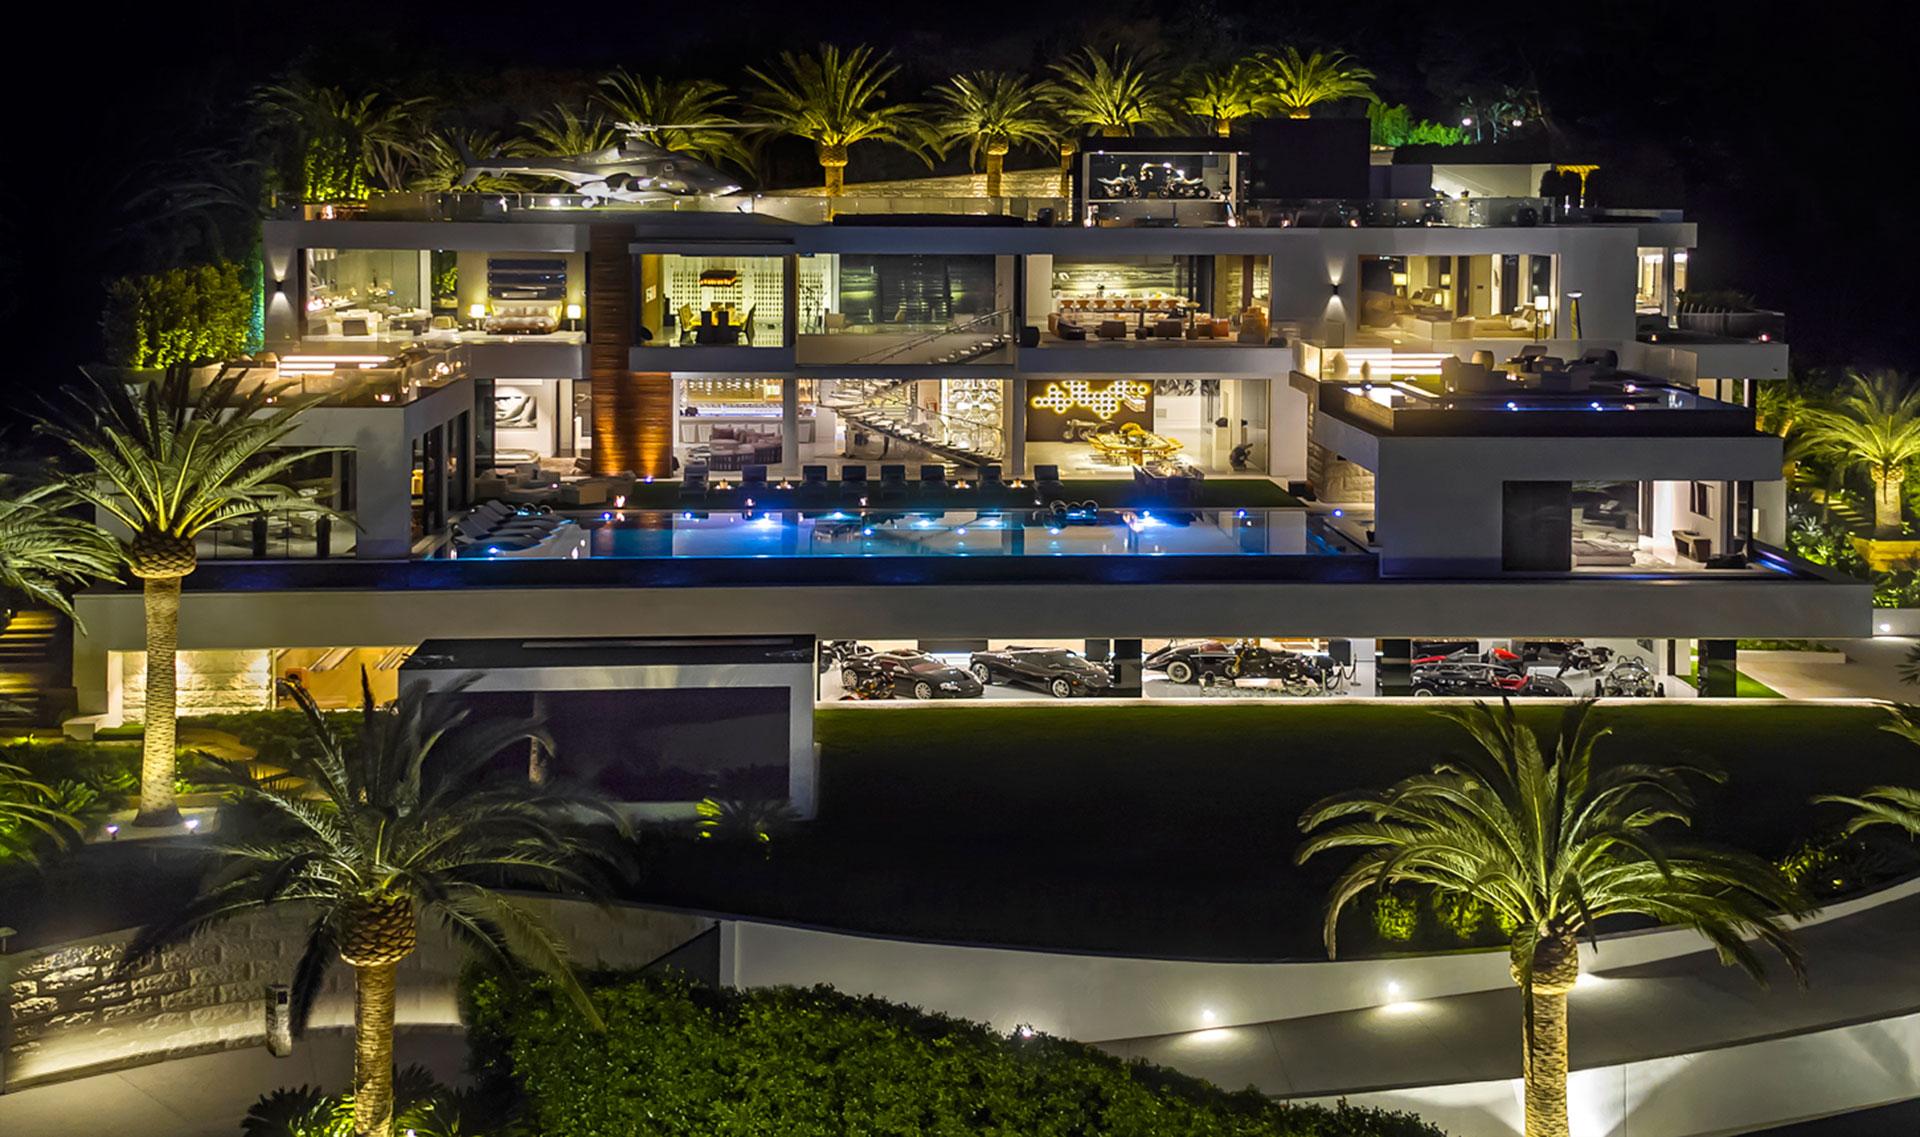 La Mansión De Noche: Sus Luces La Hacen Aún Más Imponente (BAM Luxury  Development